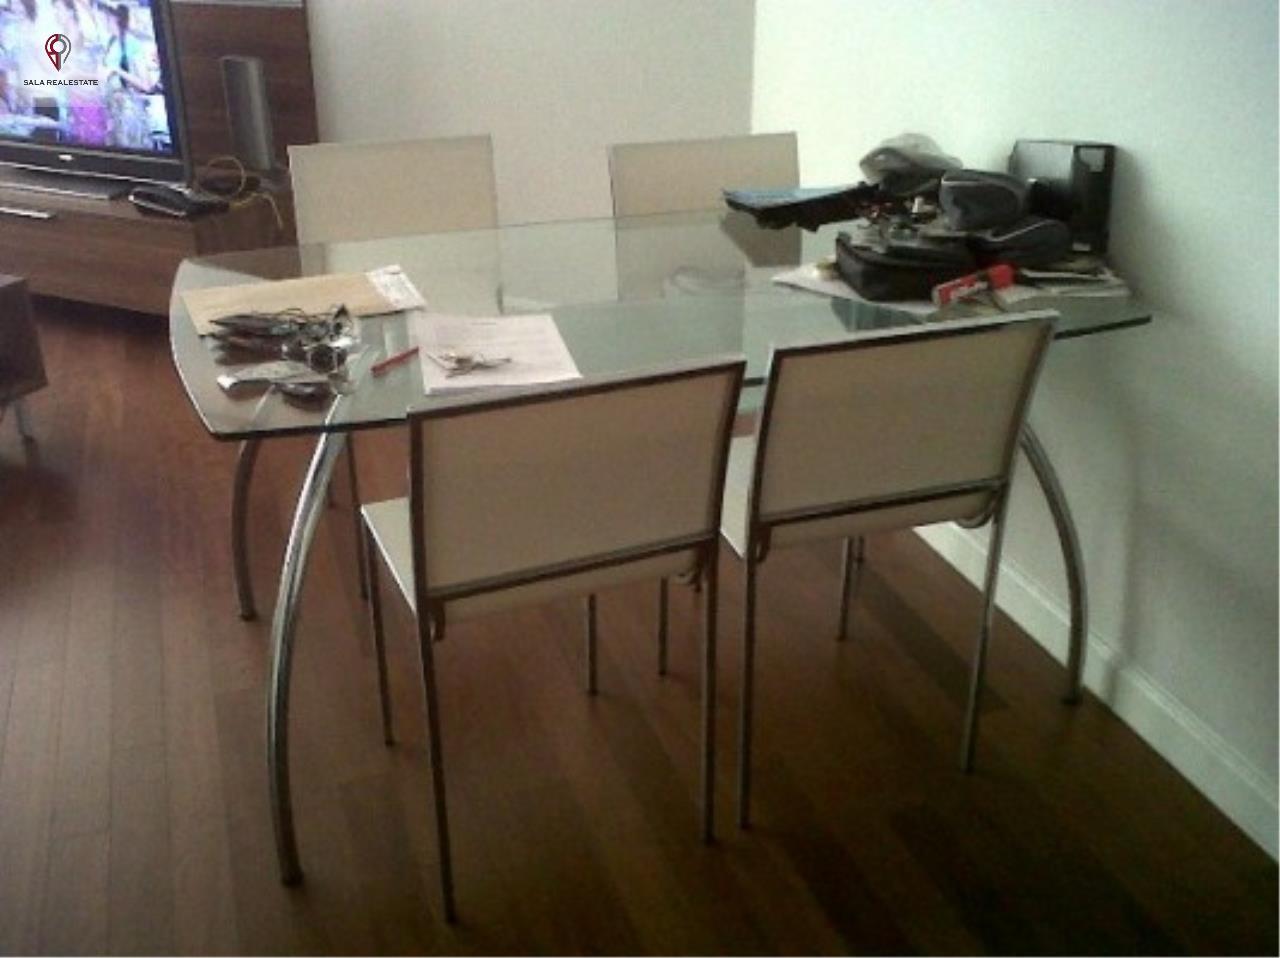 SALA ESTATE Agency's BELLE PARK residence 2